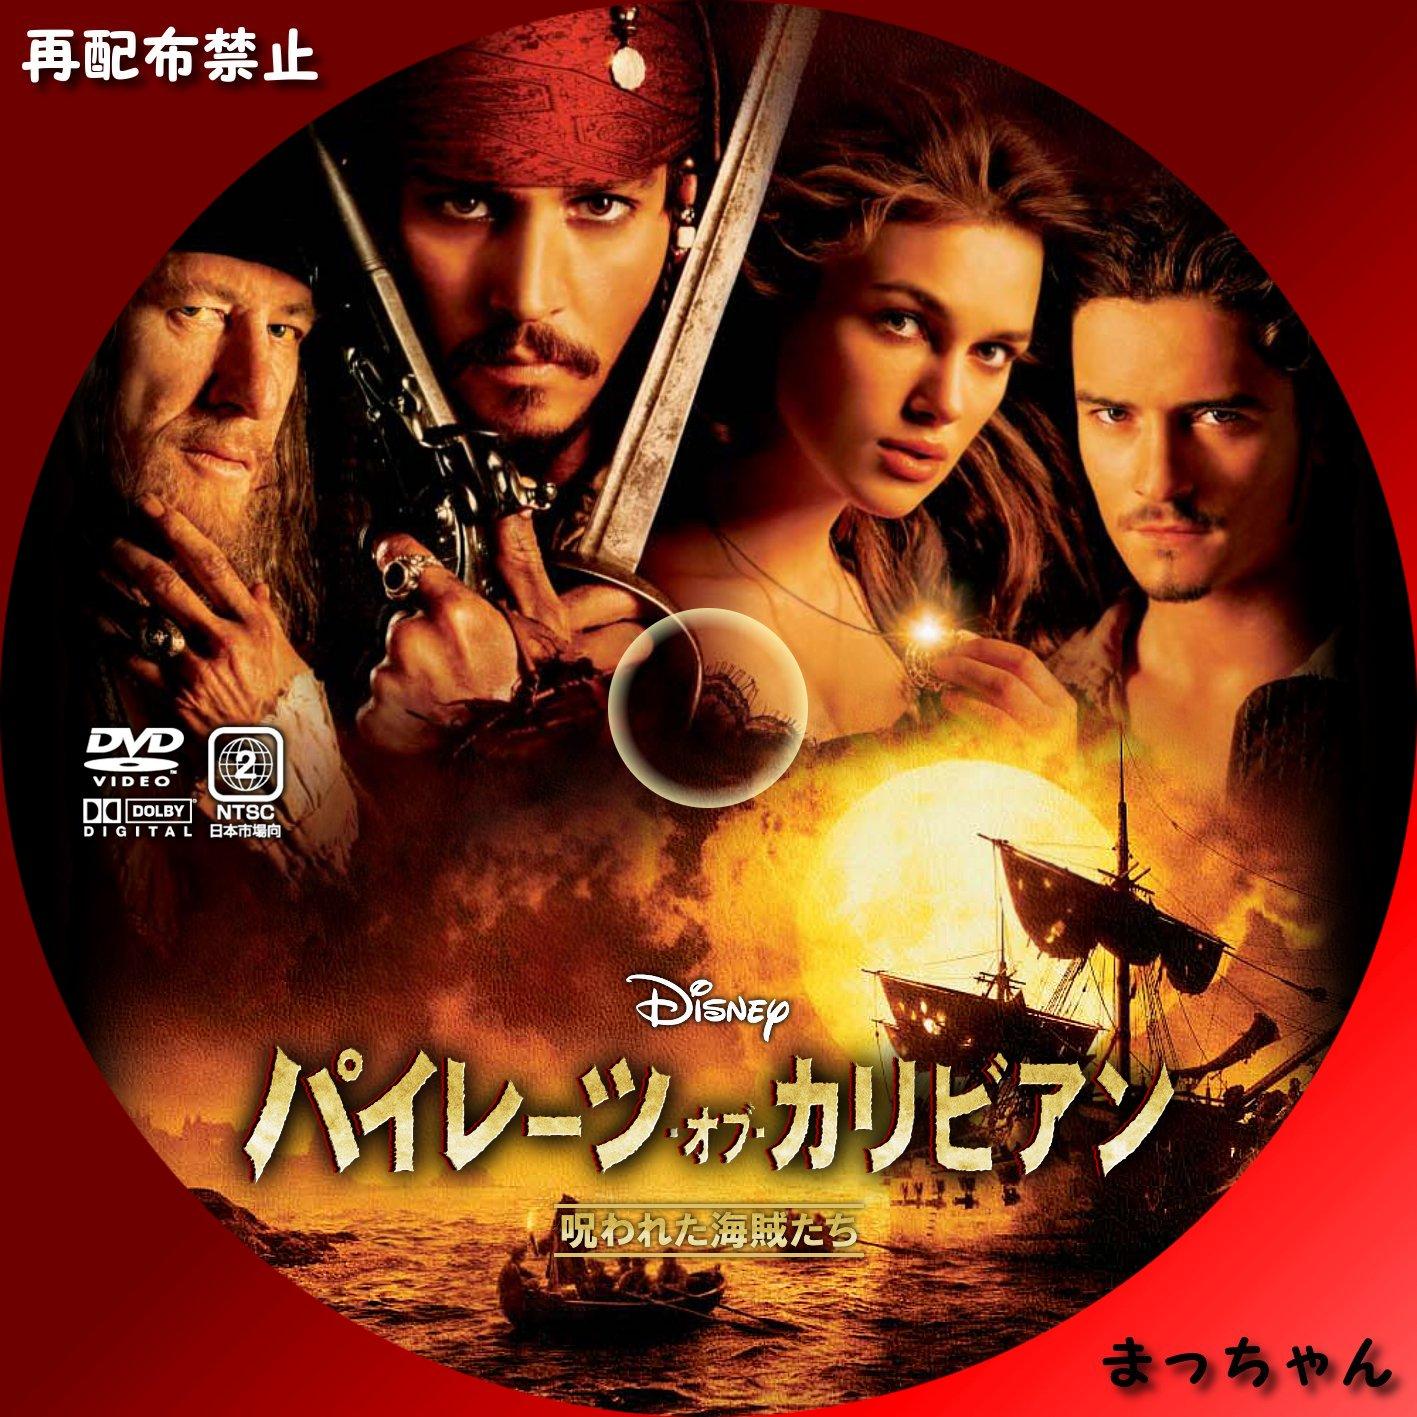 パイレーツ・オブ・カリビアン/呪われた海賊たちまっちゃんの☆自作DVDラベル☆